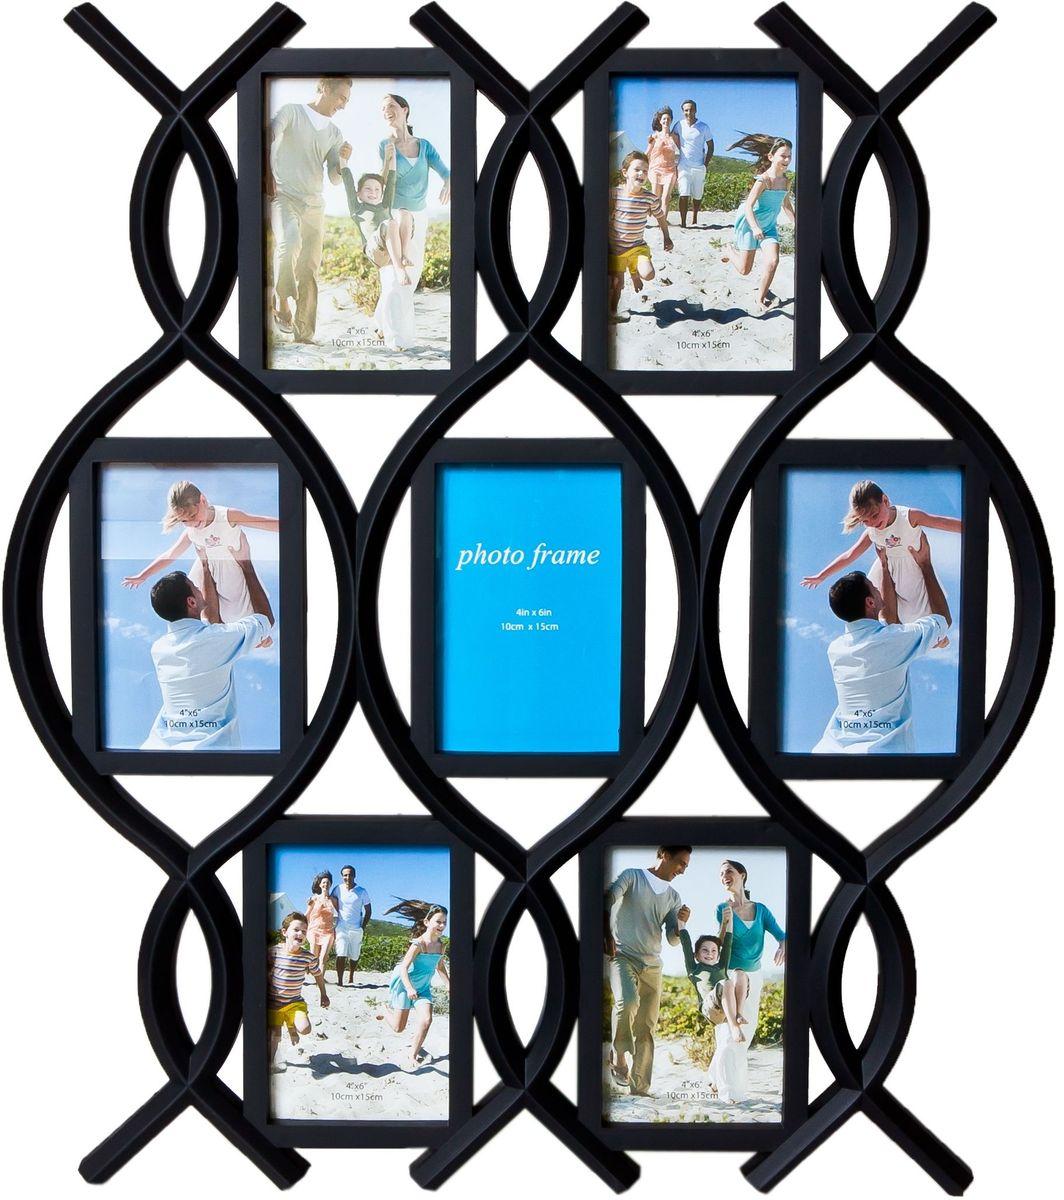 Фоторамка Platinum, цвет: черный, на 7 фото 10 х 15 см. BH-1407PLATINUM BH-1407-Black-ЧёрныйФоторамка Platinum - прекрасный способ красиво оформить ваши фотографии. Фоторамка выполнена из пластика и защищена стеклом. Фоторамка-коллаж представляет собой семь фоторамок для фото одного размера оригинально соединенных между собой. Такая фоторамка поможет сохранить в памяти самые яркие моменты вашей жизни, а стильный дизайн сделает ее прекрасным дополнением интерьера комнаты. Фоторамка подходит для фотографий 10 х 15 см. Общий размер фоторамки: 51 х 58 см.